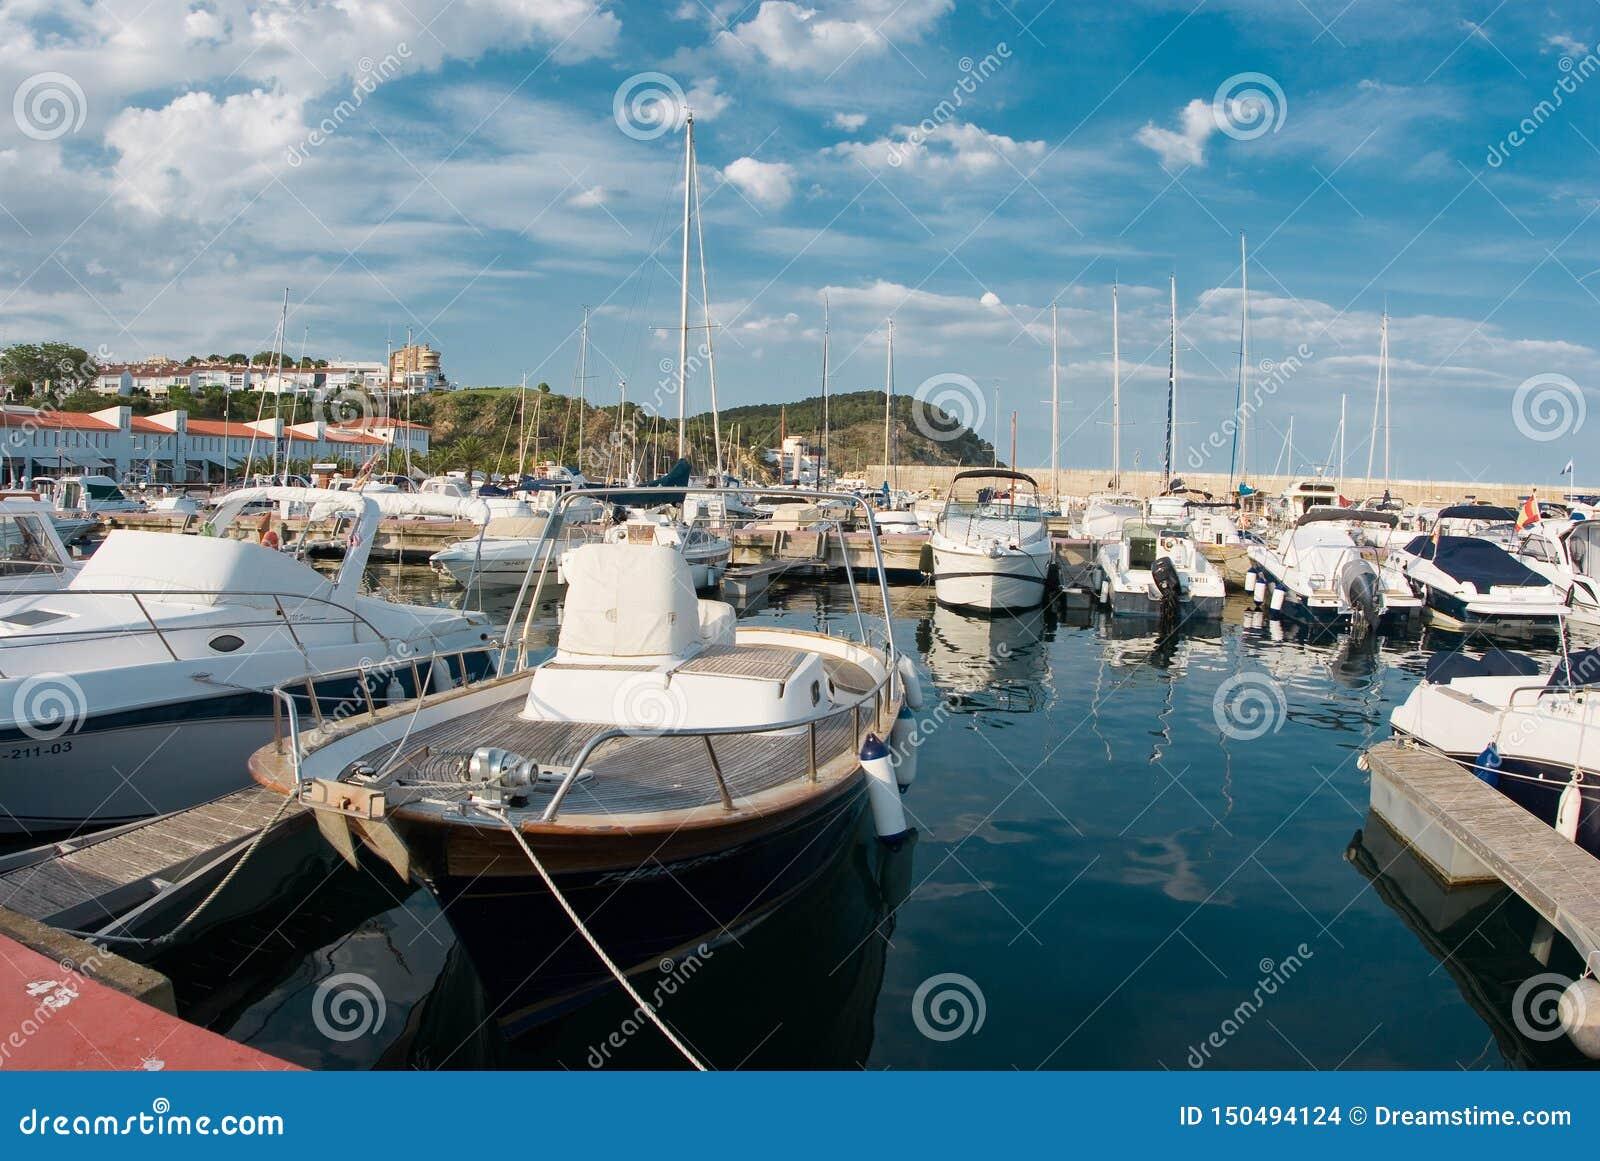 风船港口,许多美丽被停泊在海港,夏令时假期航行游艇